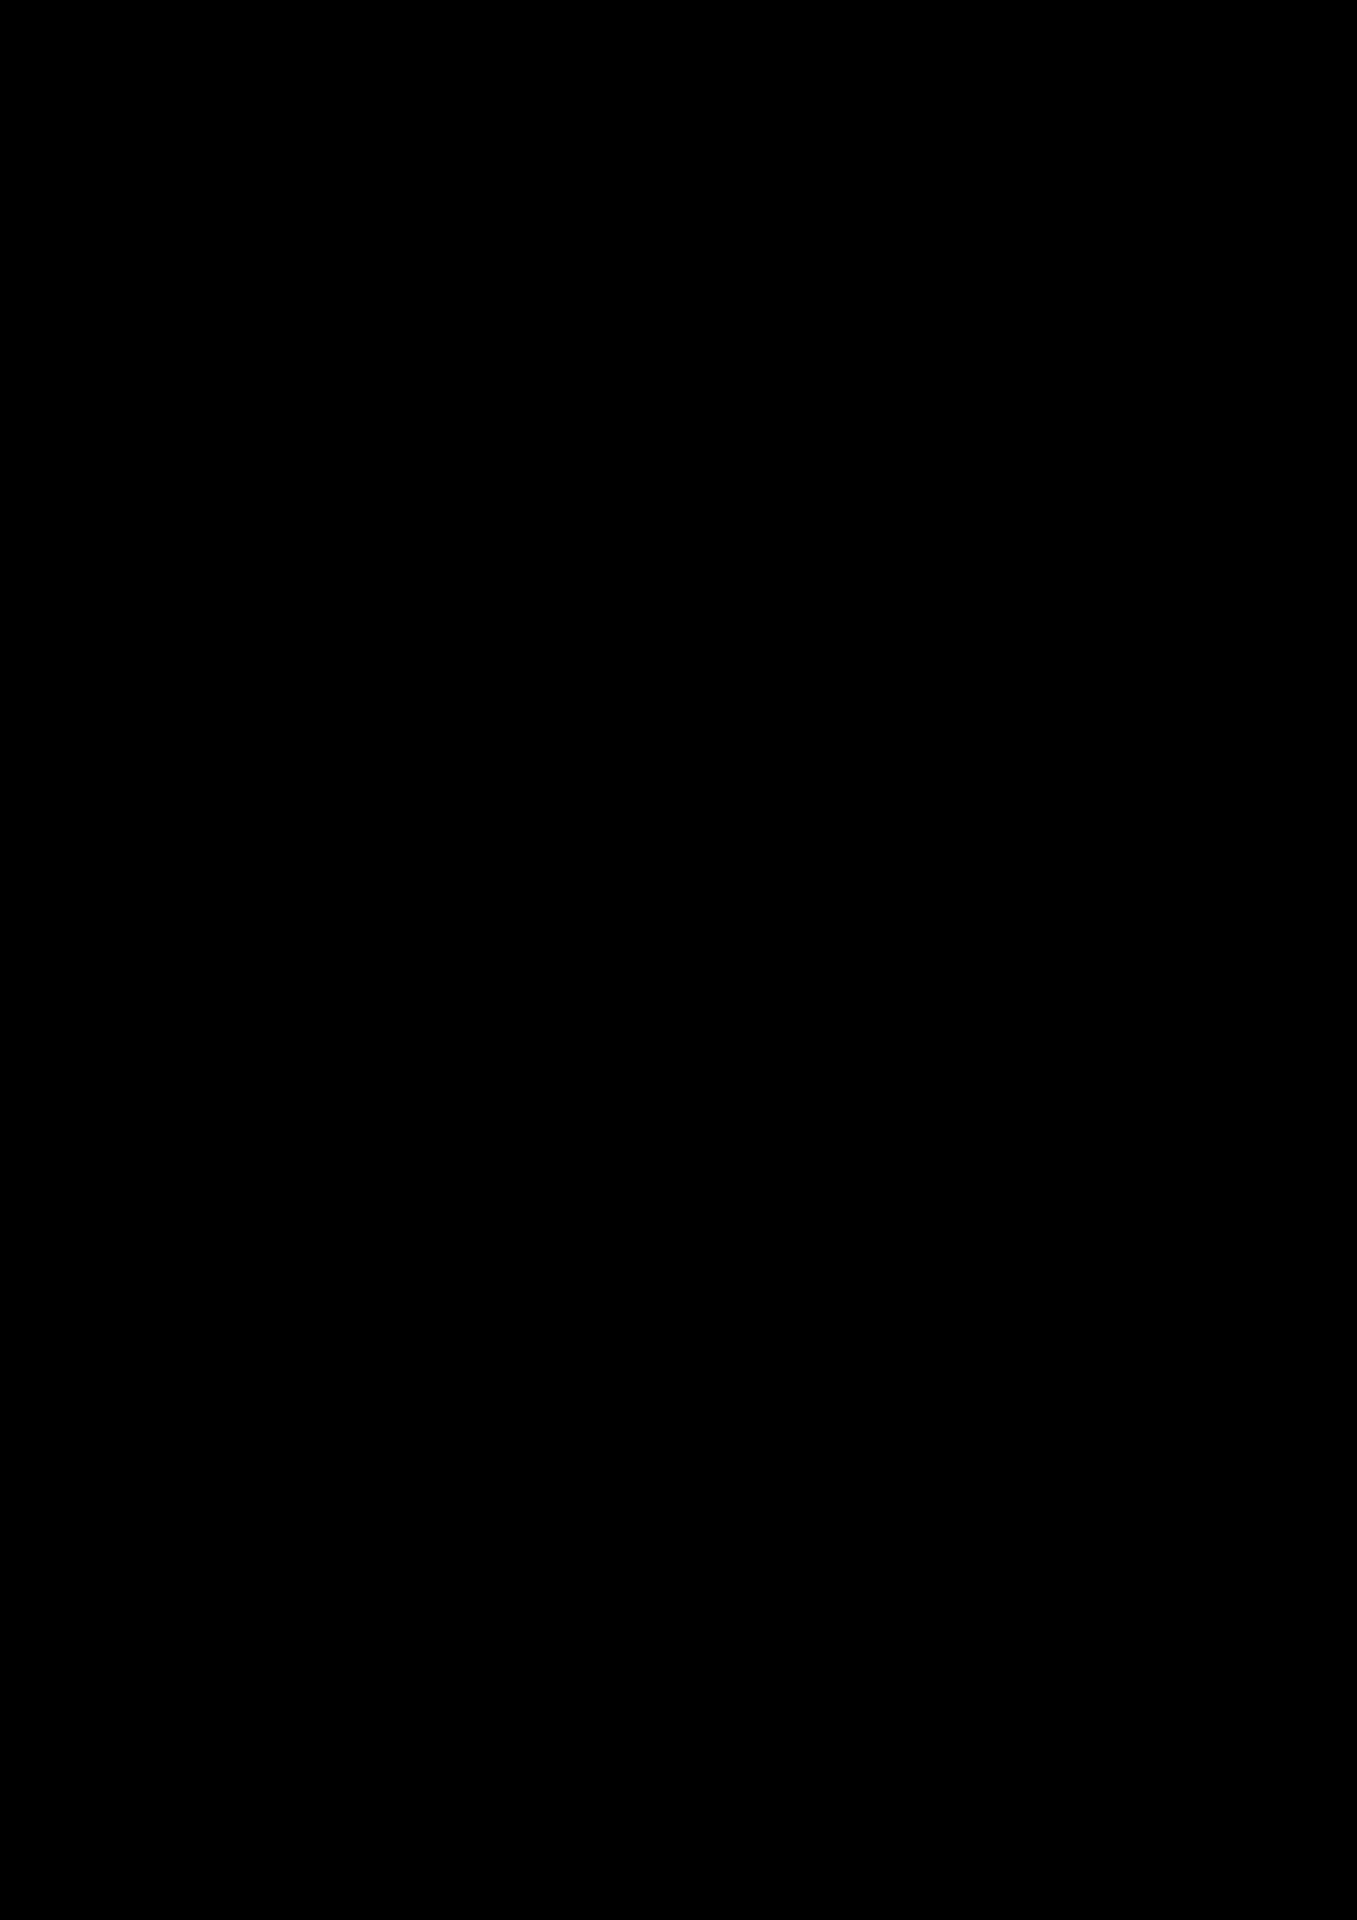 cvr-2021